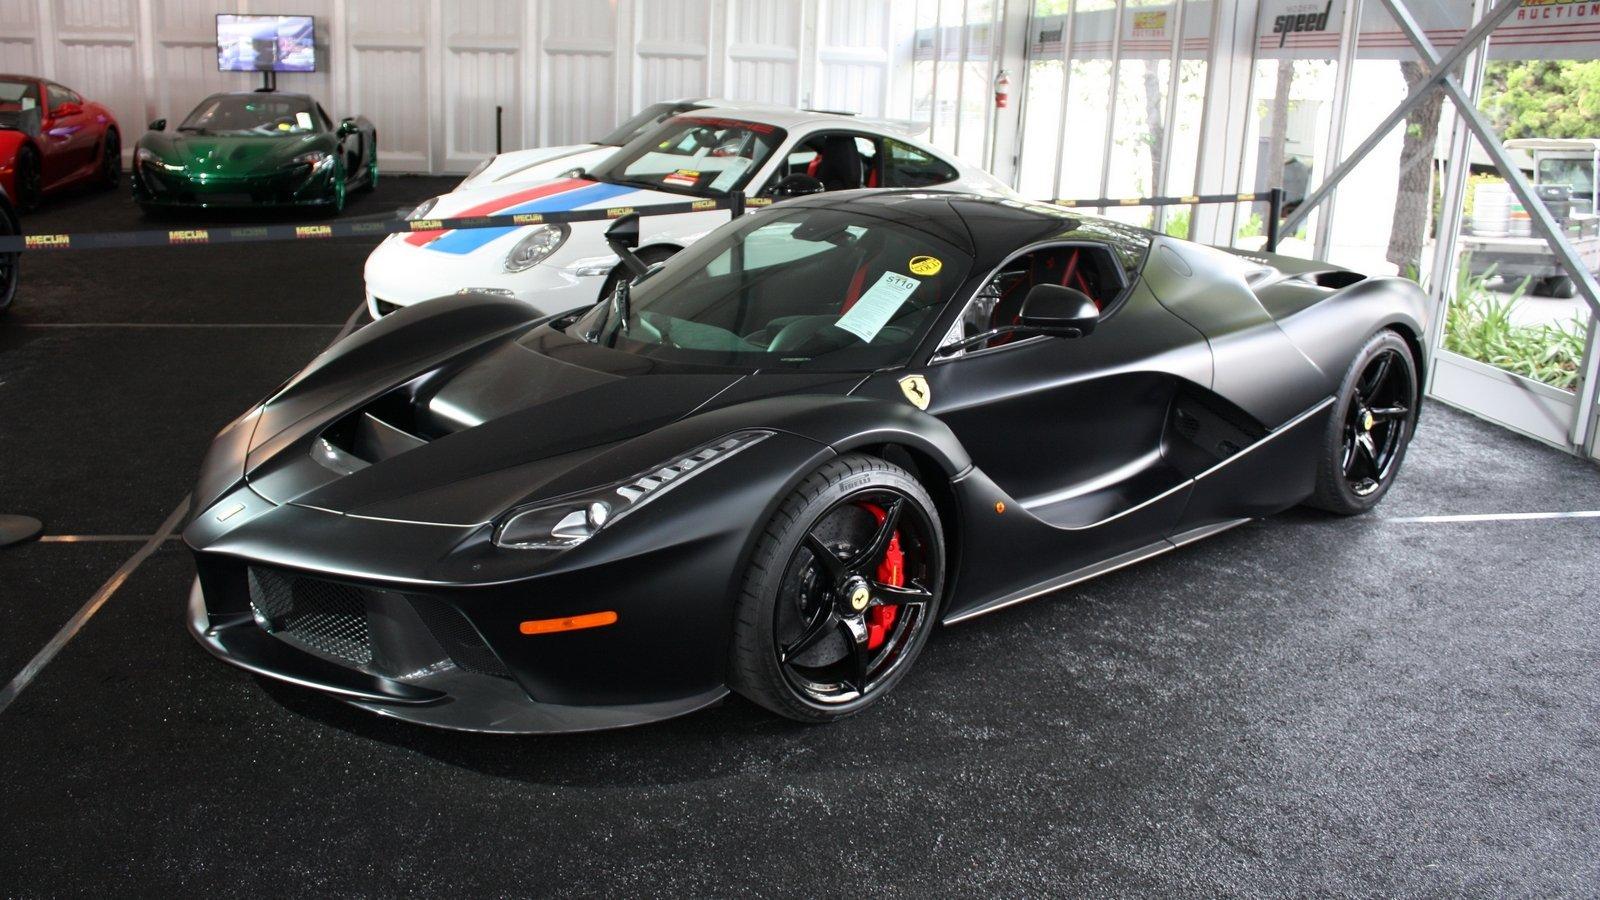 Thú chơi xe - Siêu xe Ferrari LaFerrari của Kylie Jenner giá 32 tỷ đồng có gì đặc biệt? (Hình 3).